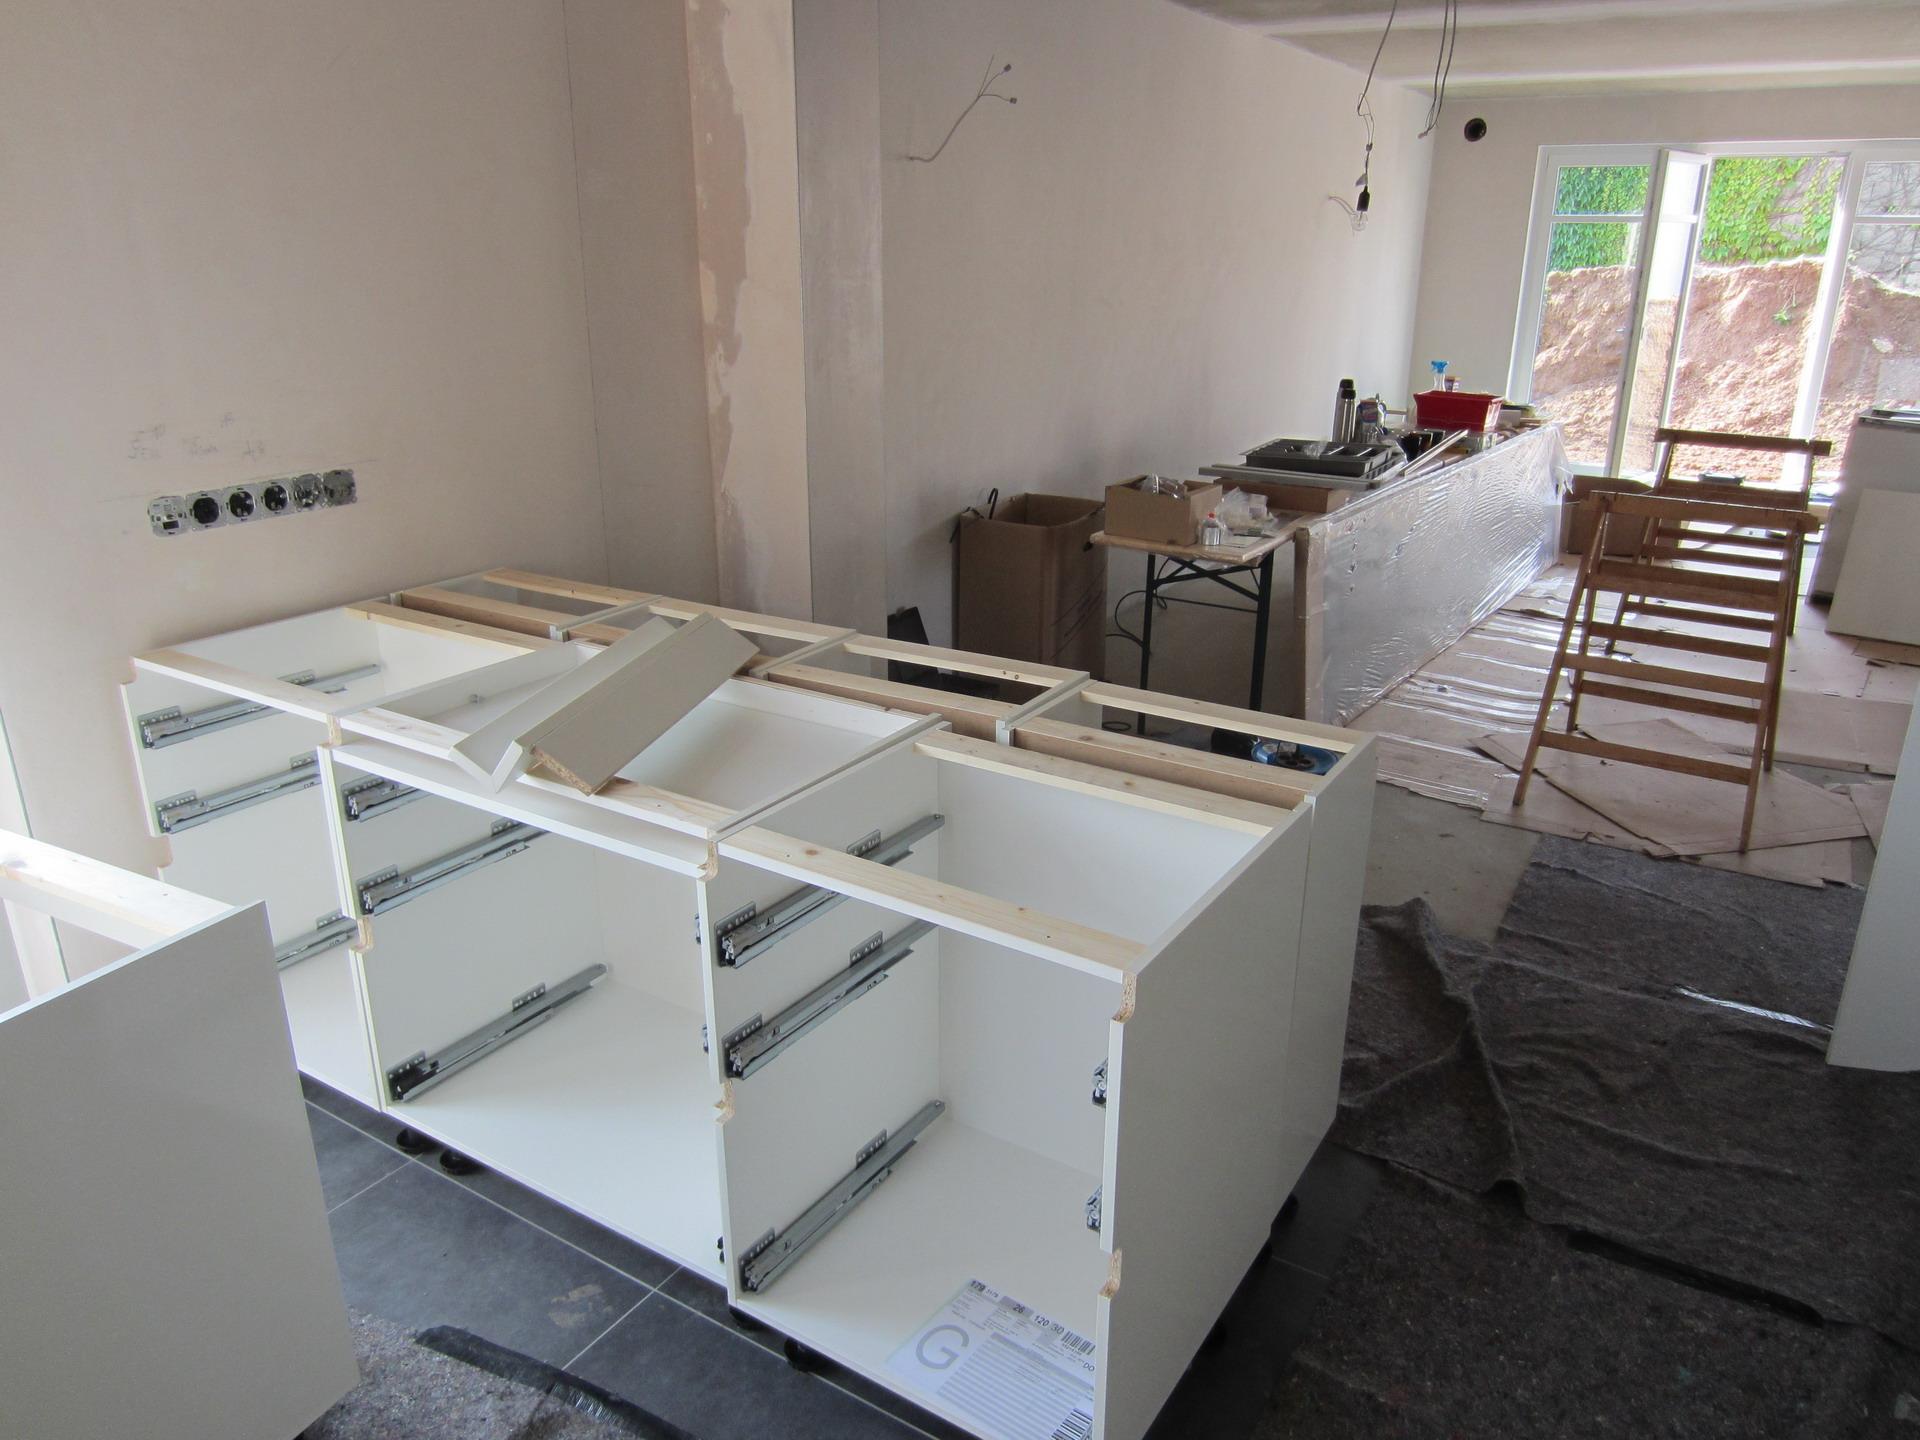 Erfreut Bauen Ikea Kücheninsel Zeitgenössisch - Küchen Design Ideen ...